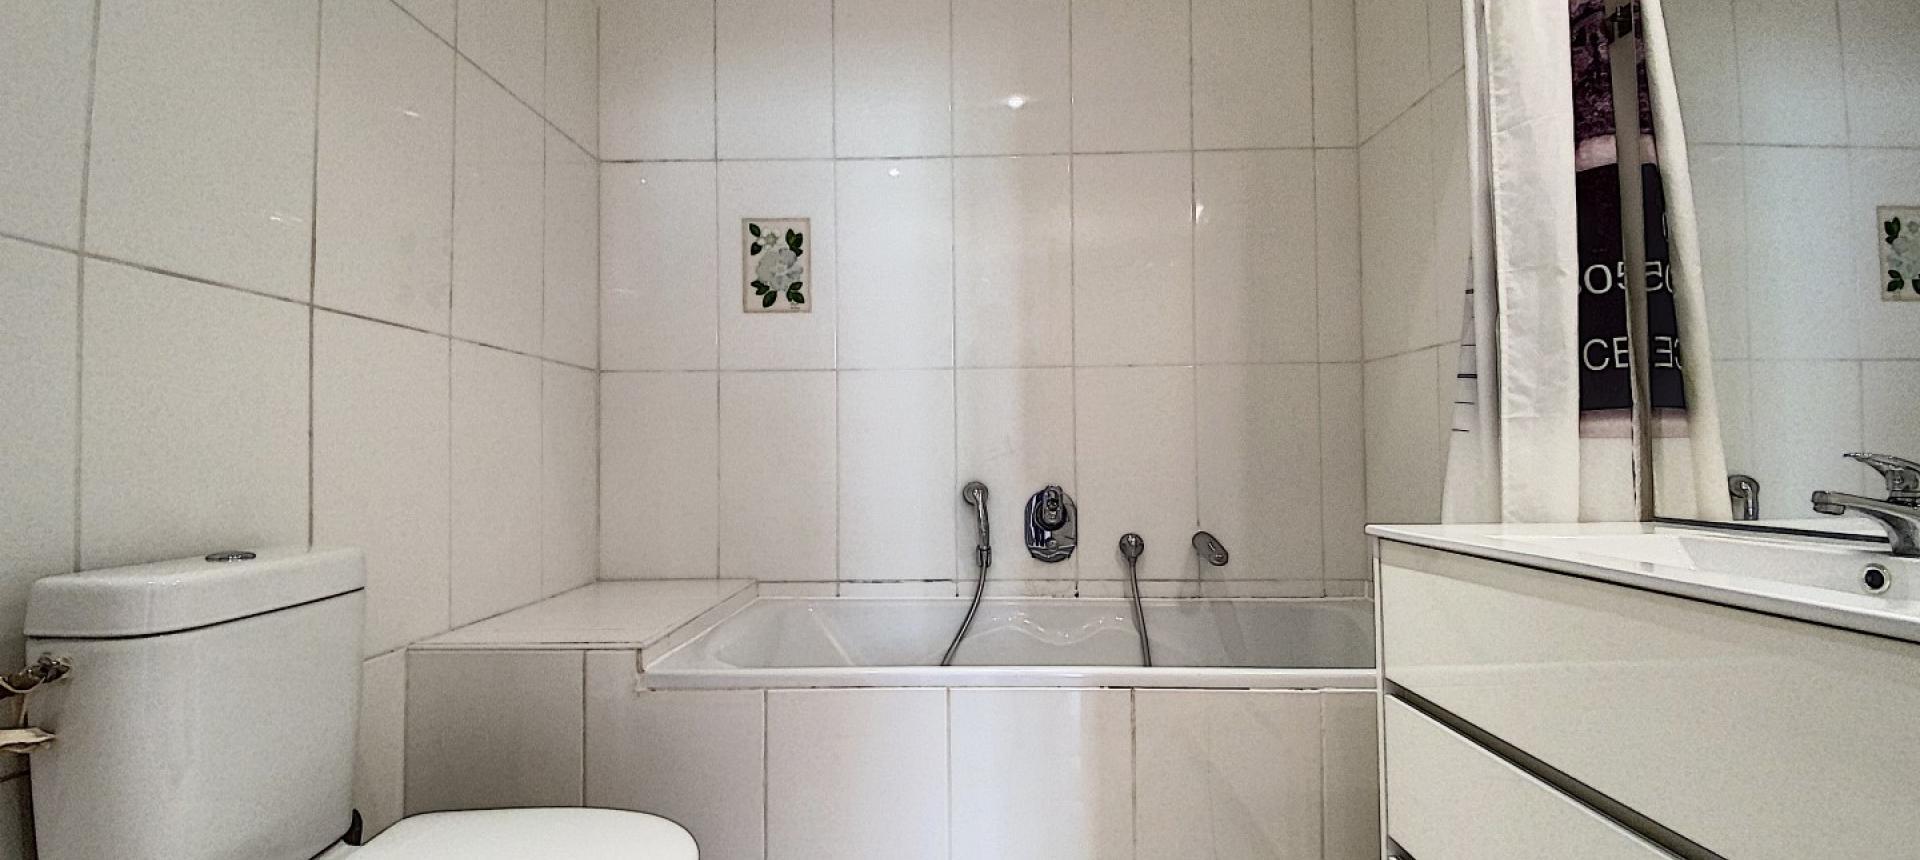 Vente d'un appartement F2 rénové-Centre historique Ajaccio - SALLE DE BAIN